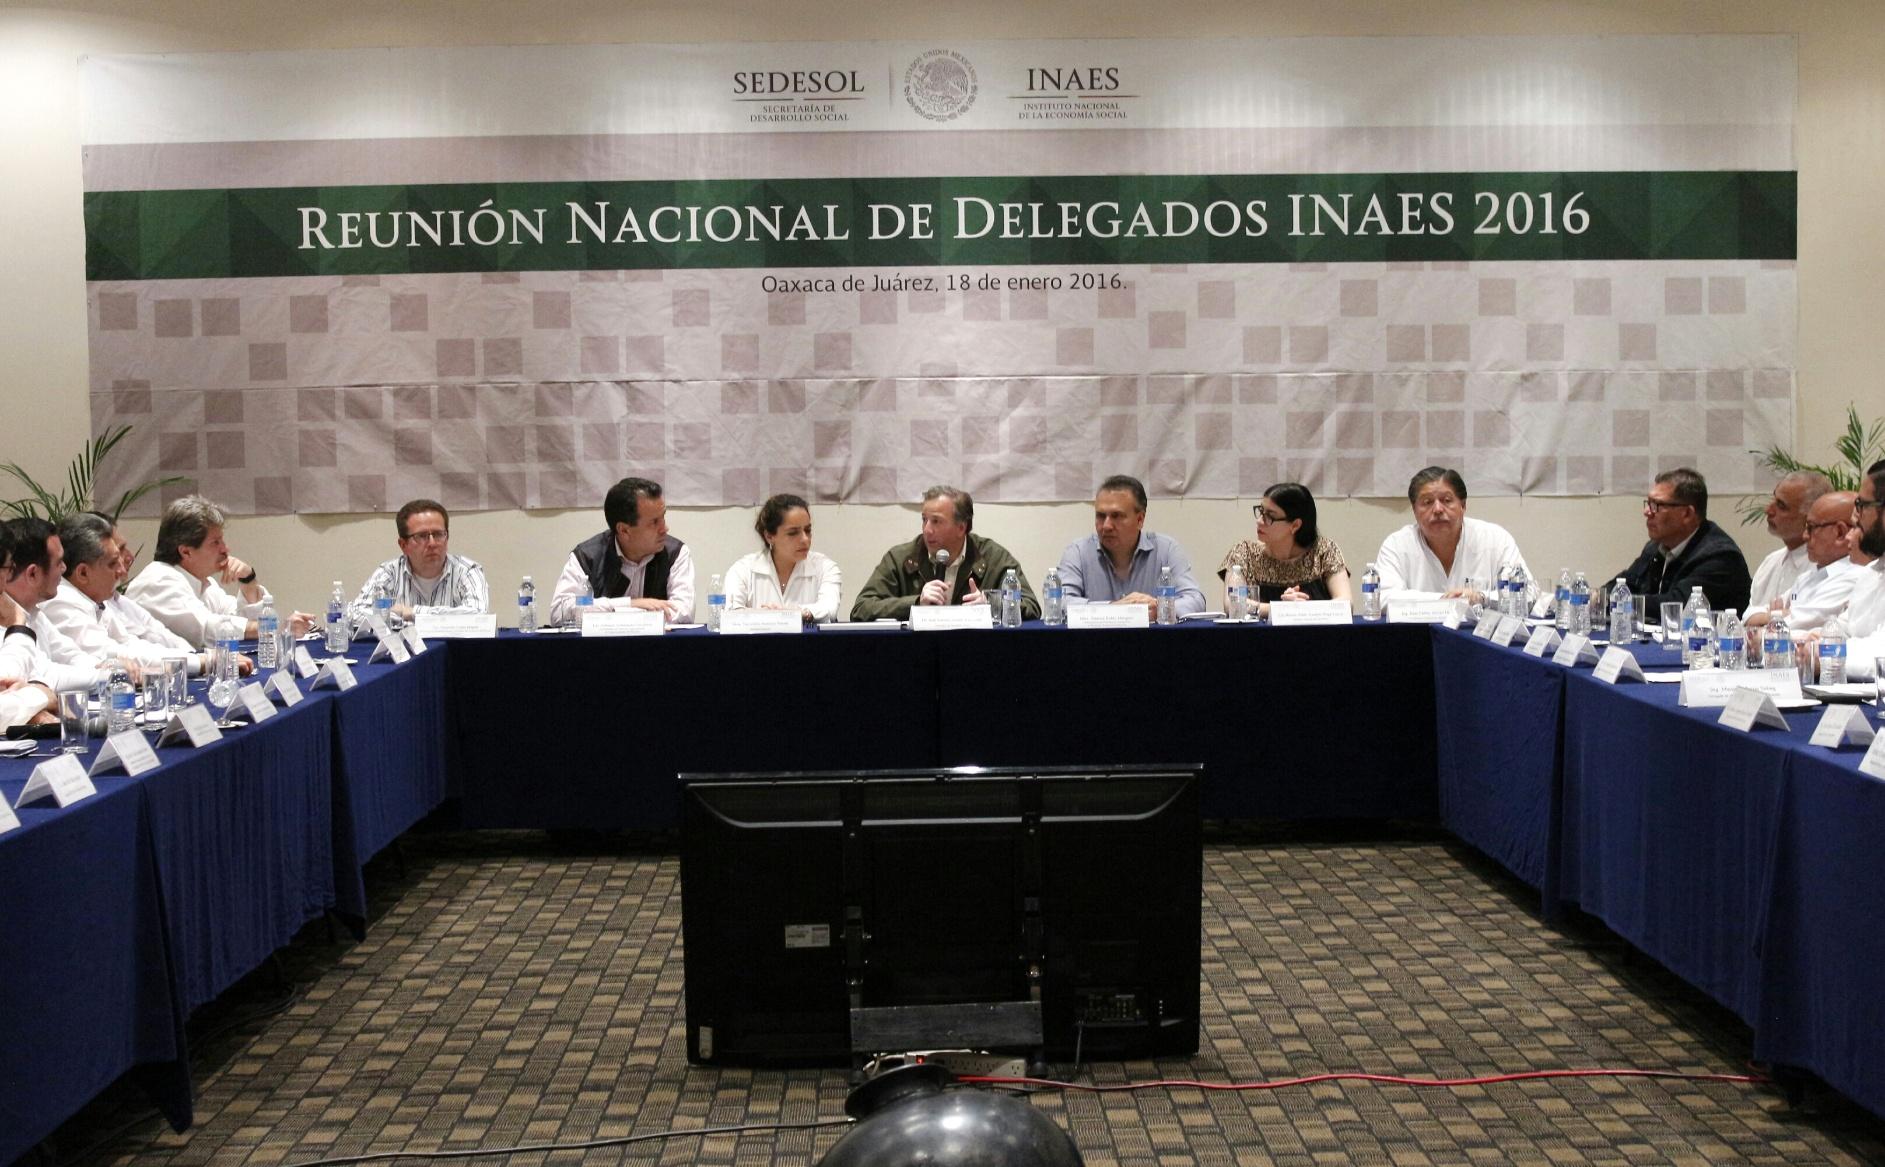 FOTO 3 El titular de la Secretar a de Desarrollo Social realiz  una gira de trabajo por el estado de Oaxaca  donde se reuni  con delegados del INAES.jpg